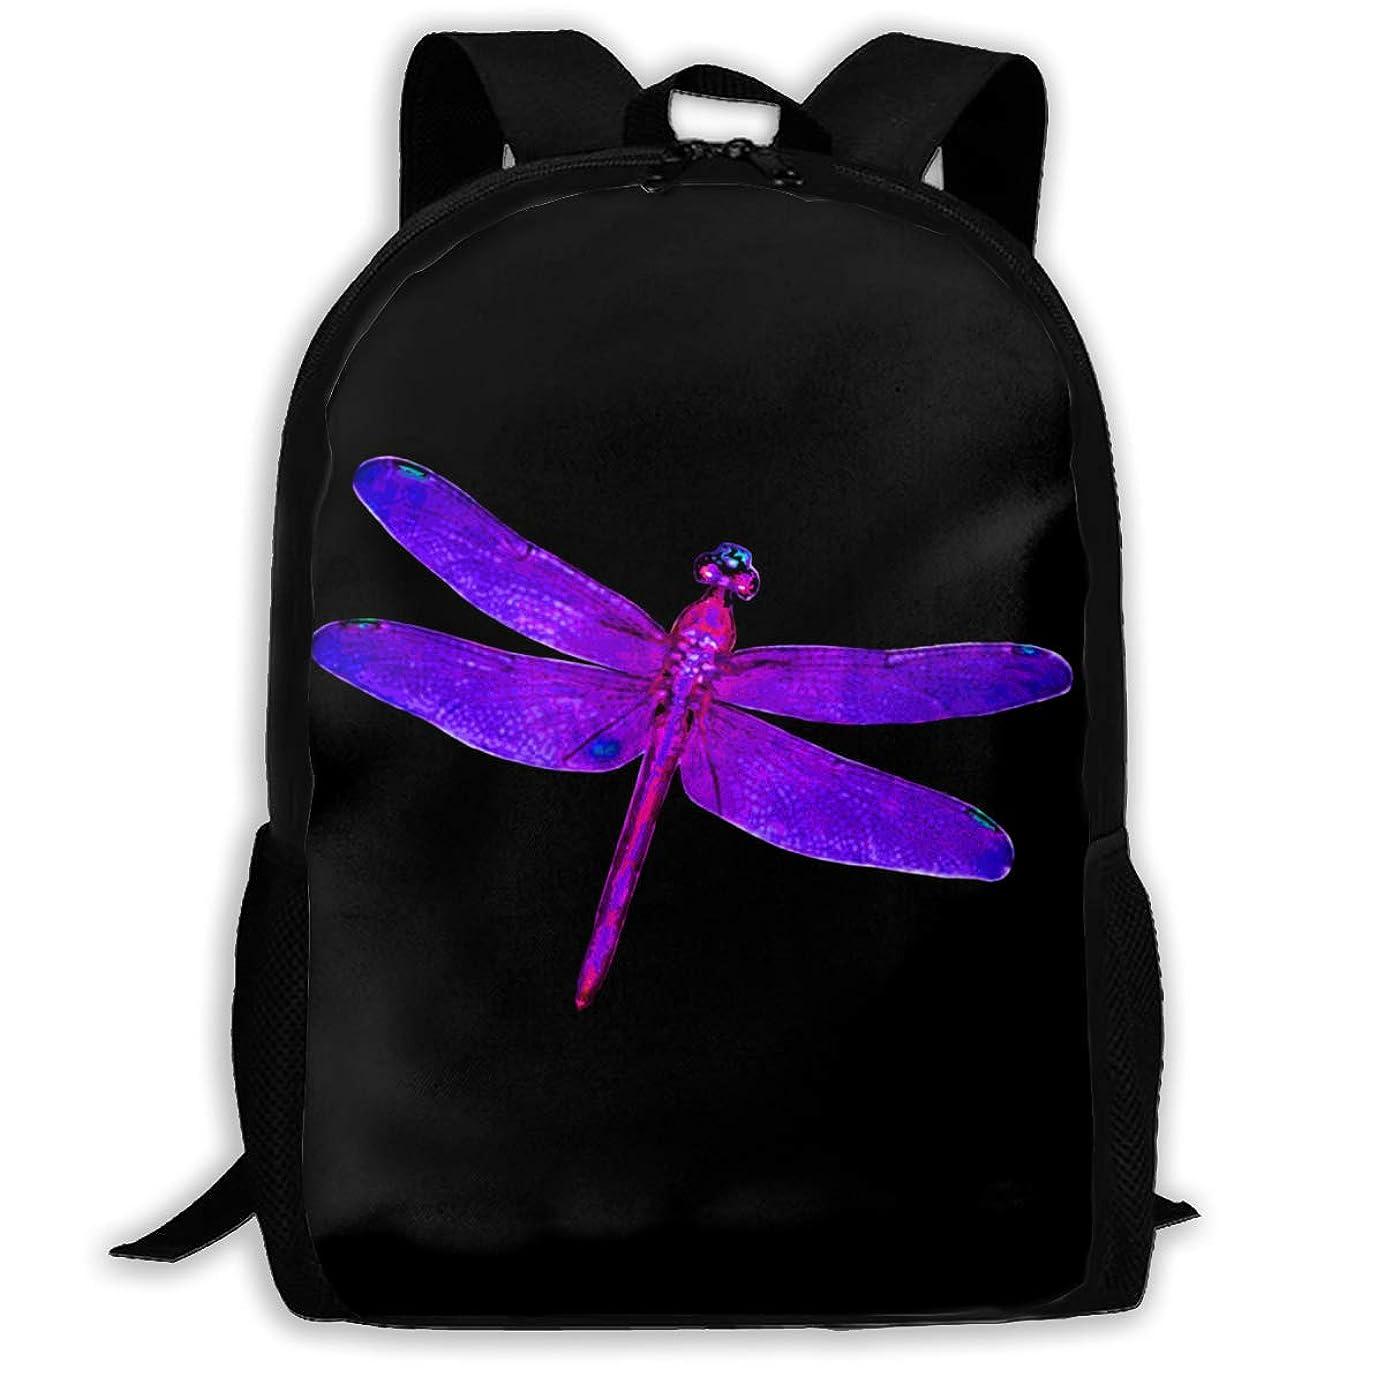 洞察力のある抵抗干し草おしゃれ カジュアル 軽く Dragonfly ショルダーバッグ 大容量 キッズ 通用する リュック 通学 旅行 運動 ランドセル Black